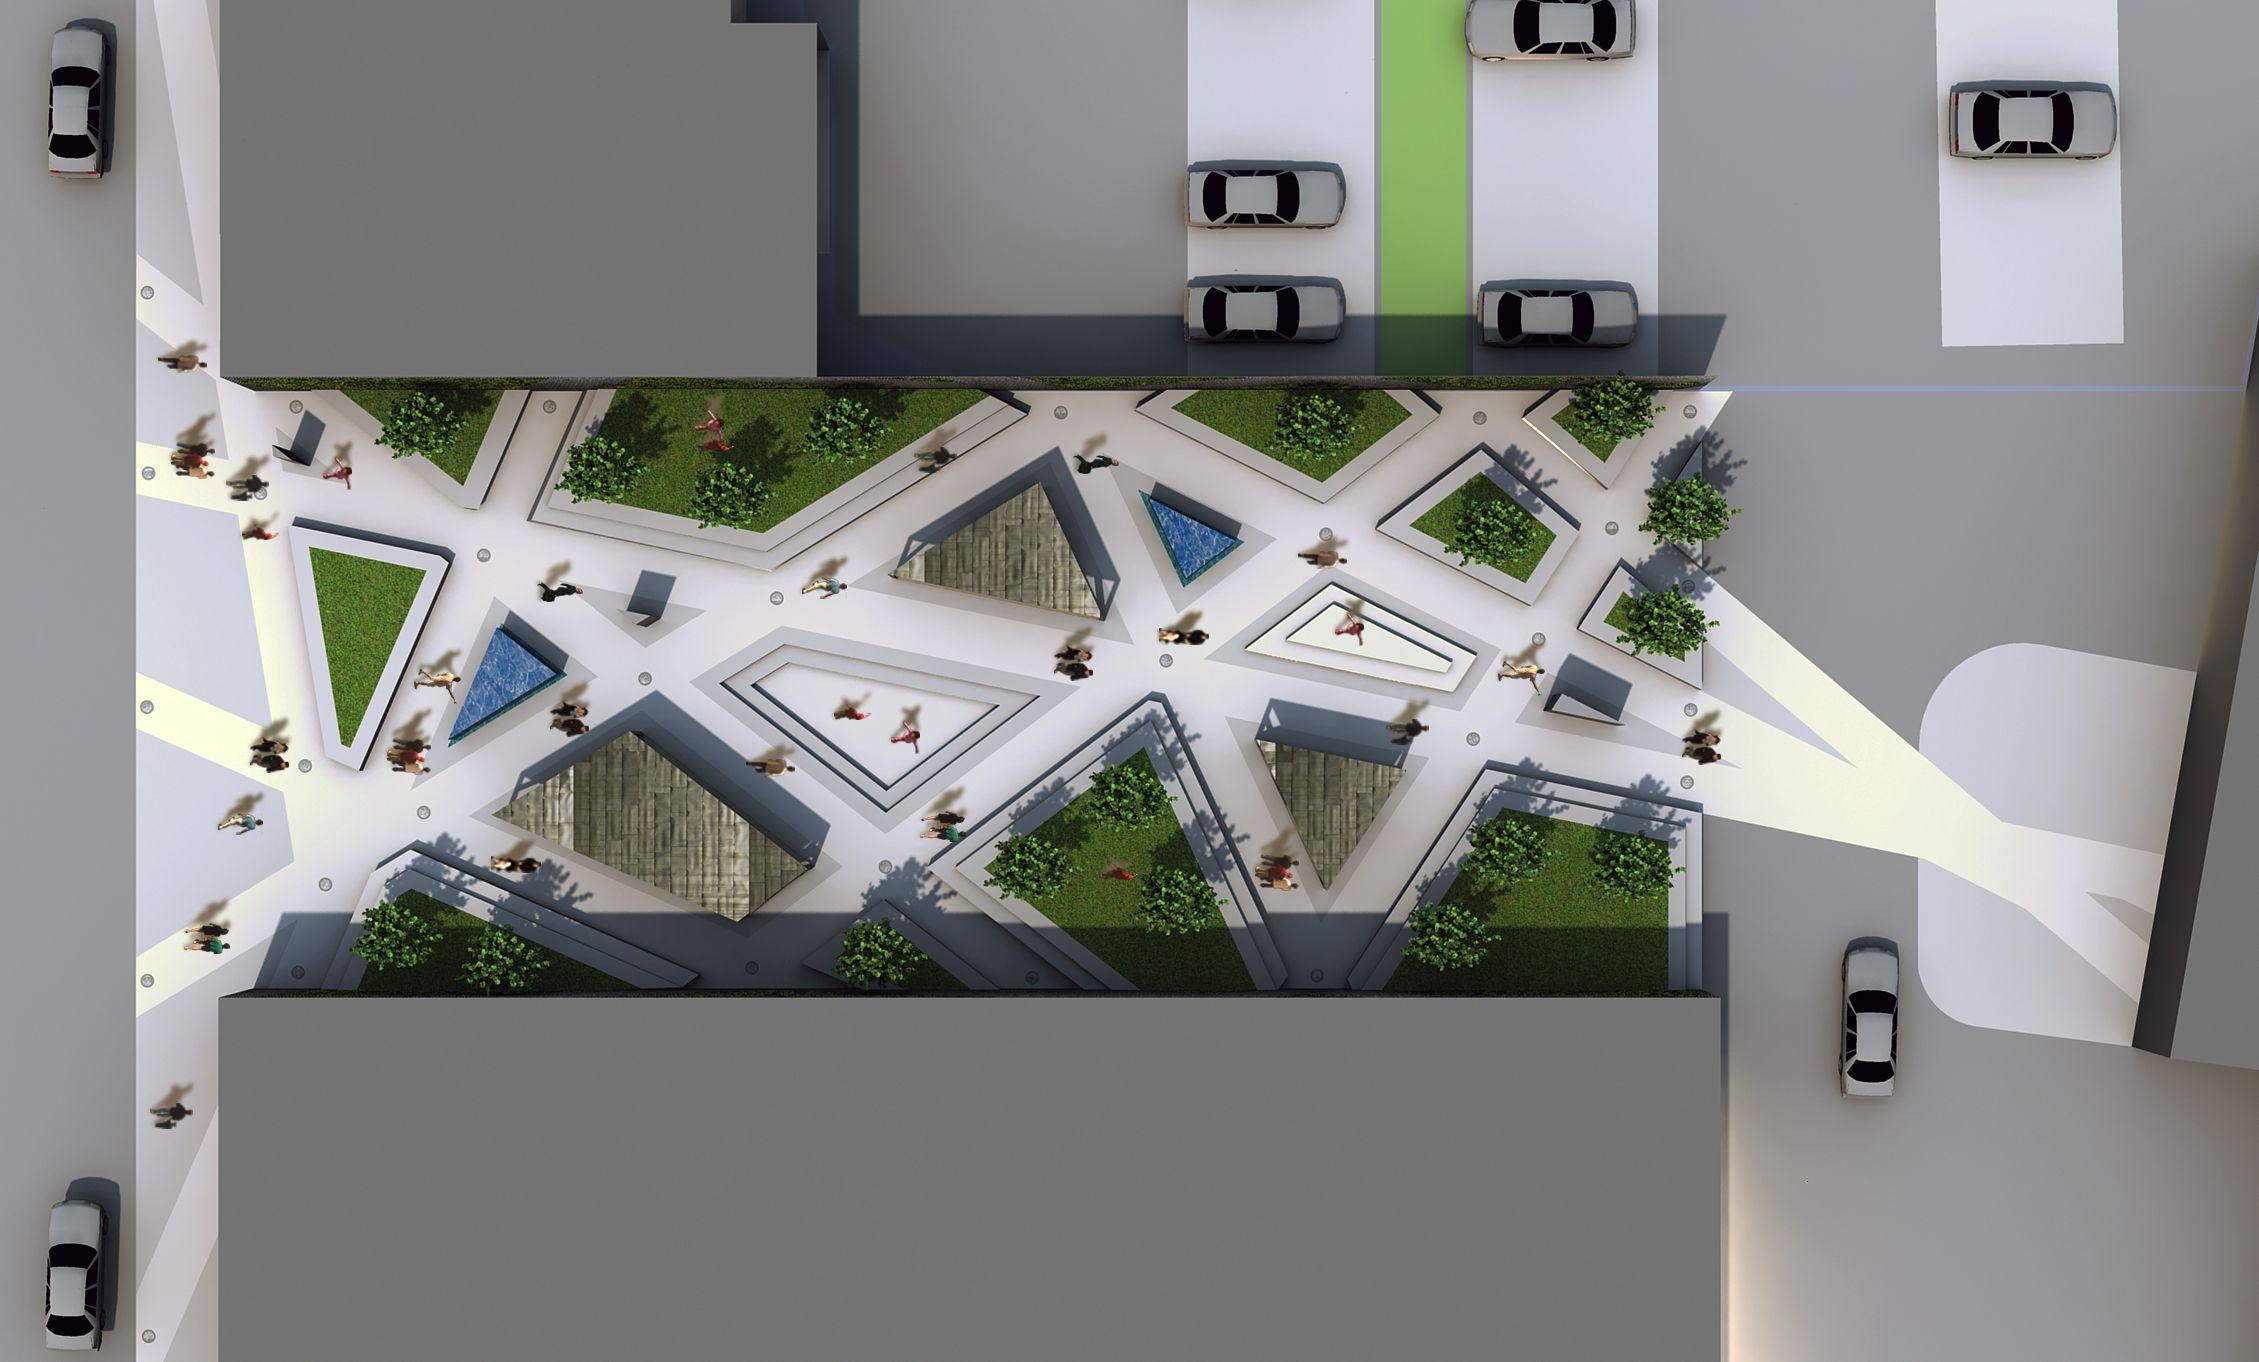 187 landscape architects london studio concept landscape